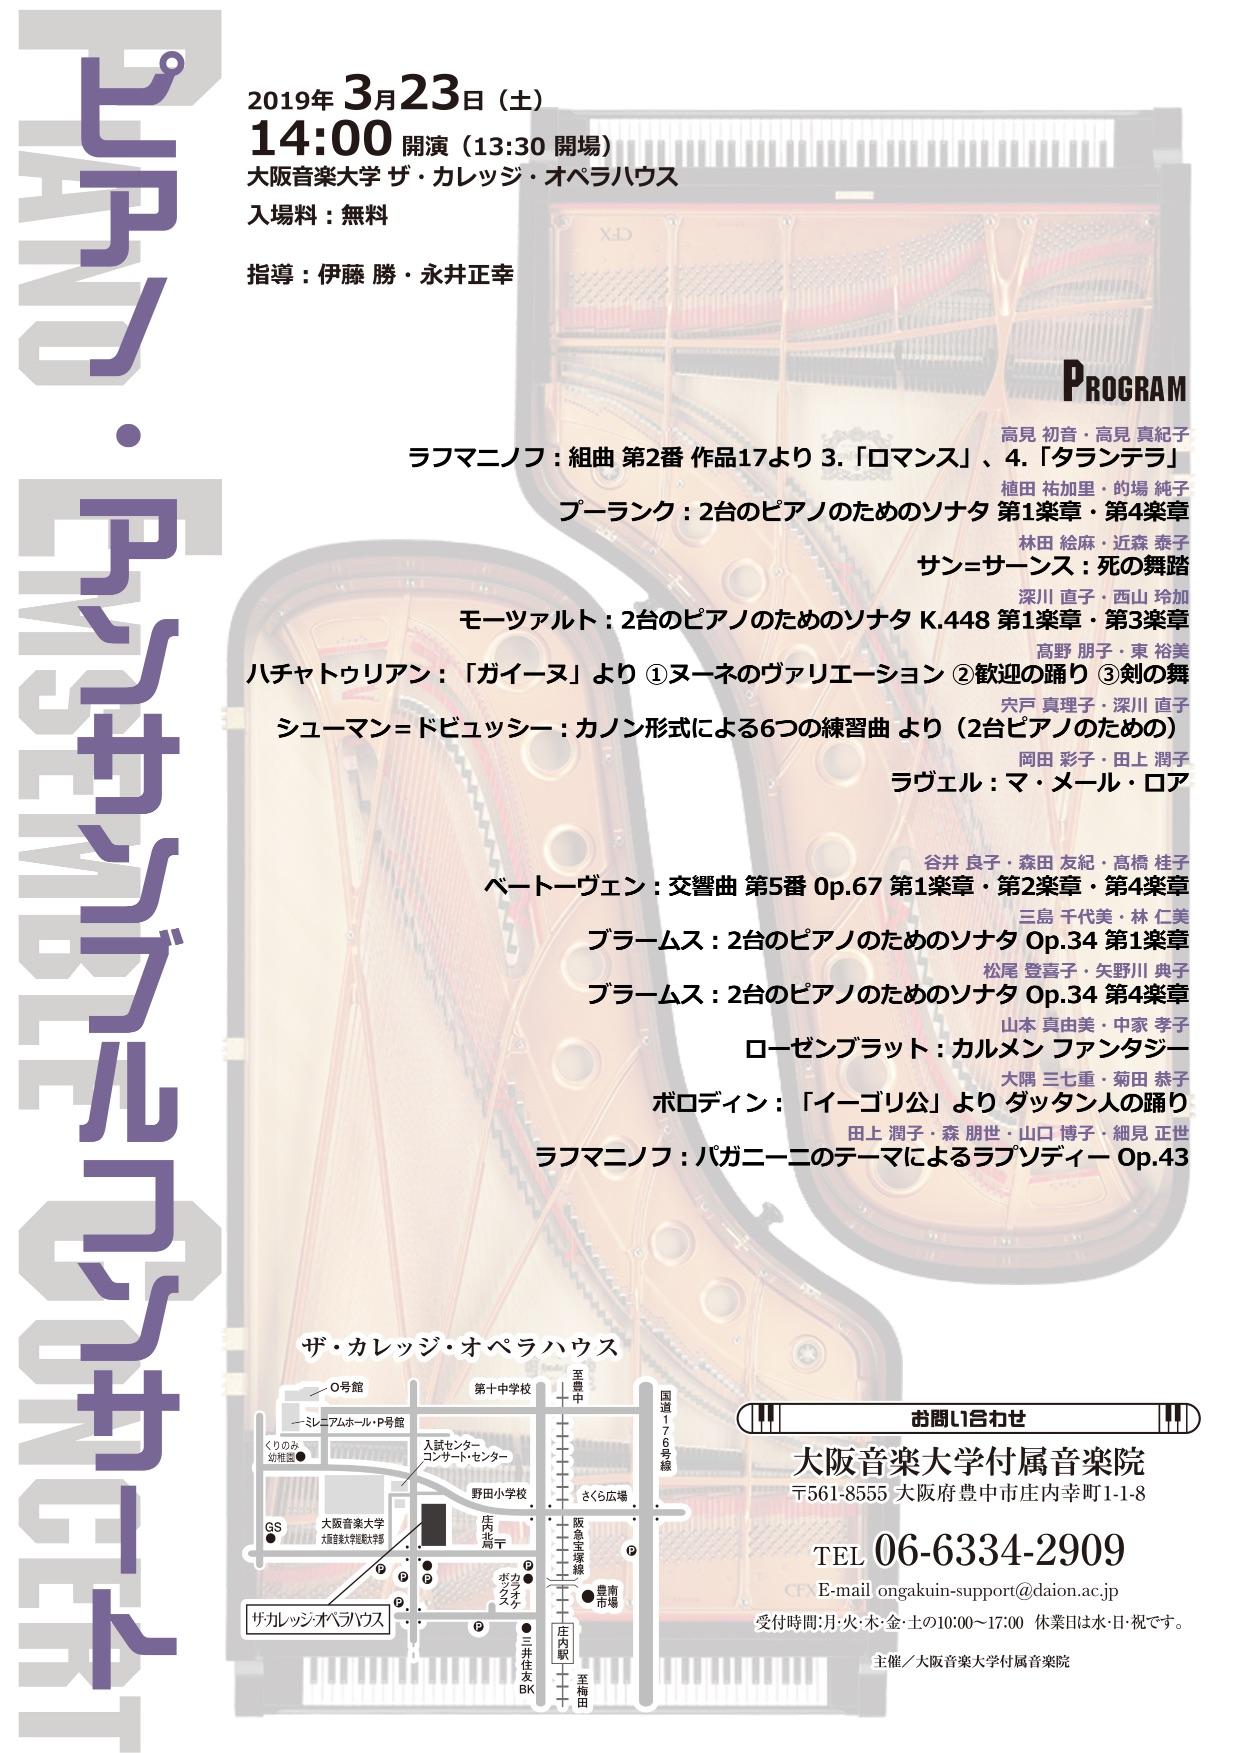 ピアノアンサンブルコンサート